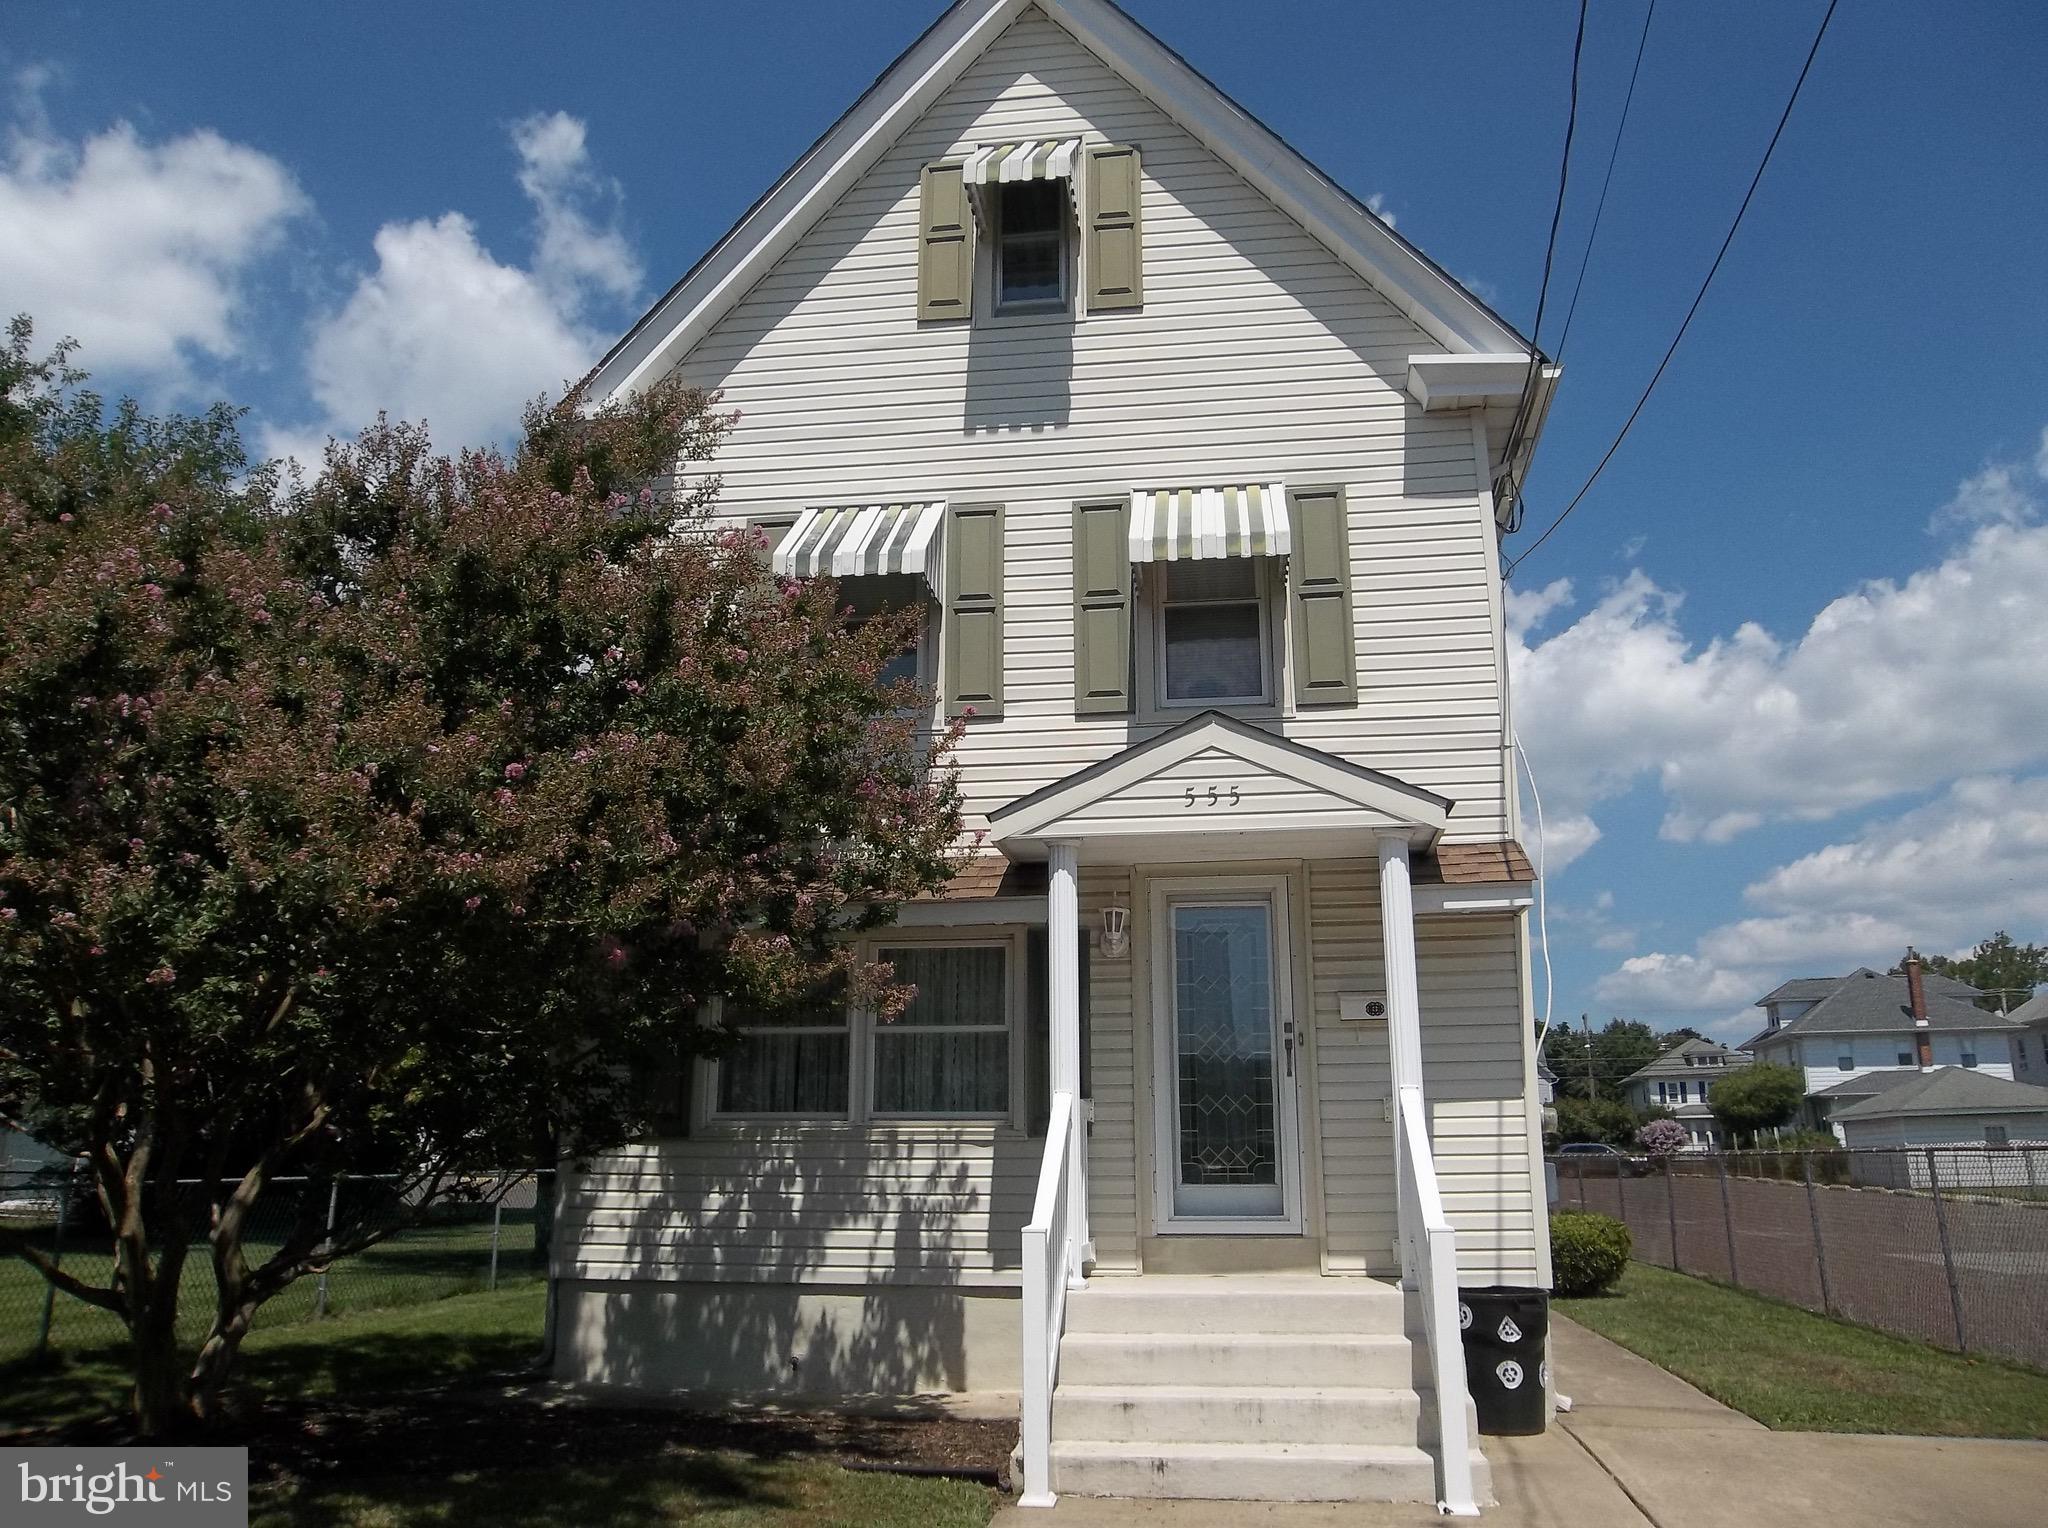 555 JEFFERSON STREET, GIBBSTOWN, NJ 08027